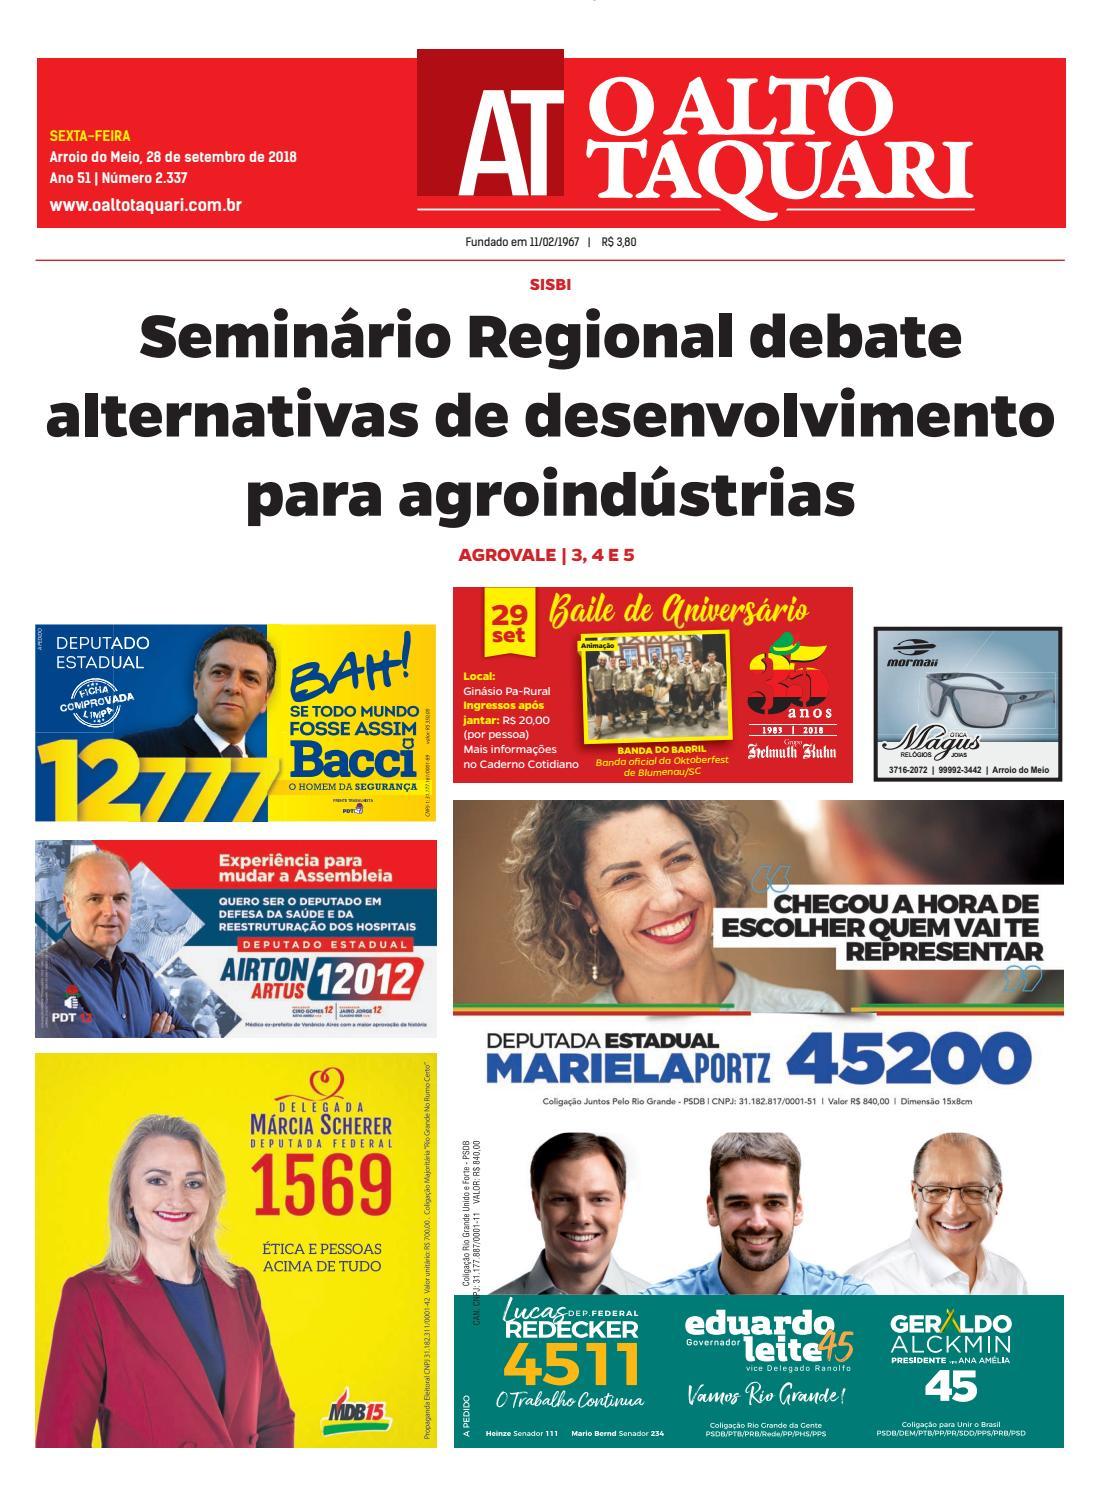 eceb46d366 Jornal O Alto Taquari - 28 de setembro de 2018 by Jornal O Alto Taquari -  issuu